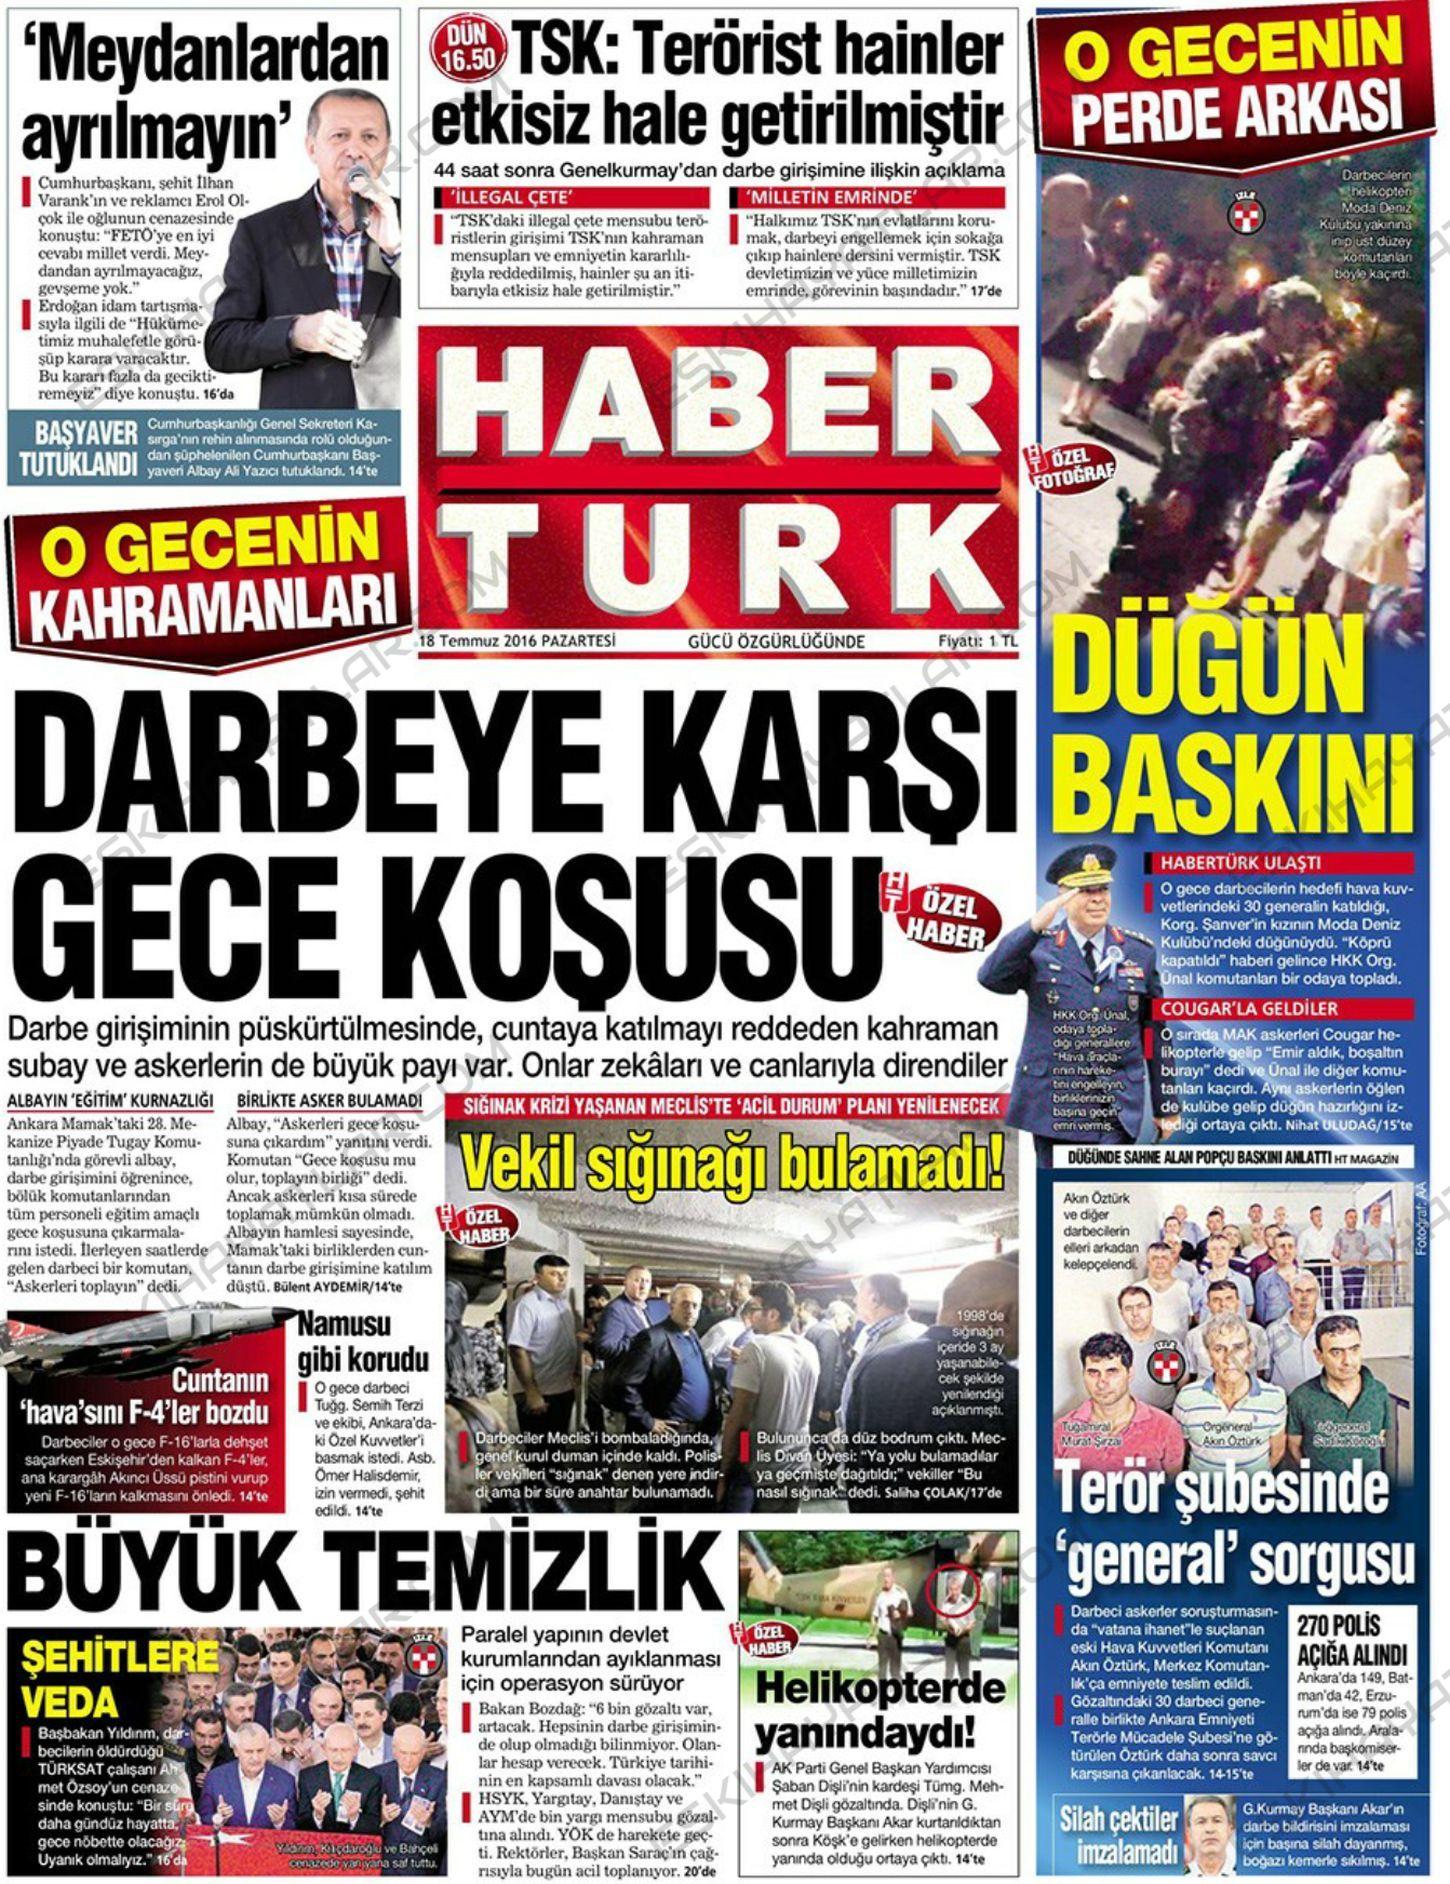 15-temmuz-2016-darbe-tesebbusu-gazete-arsivleri (haberturk)